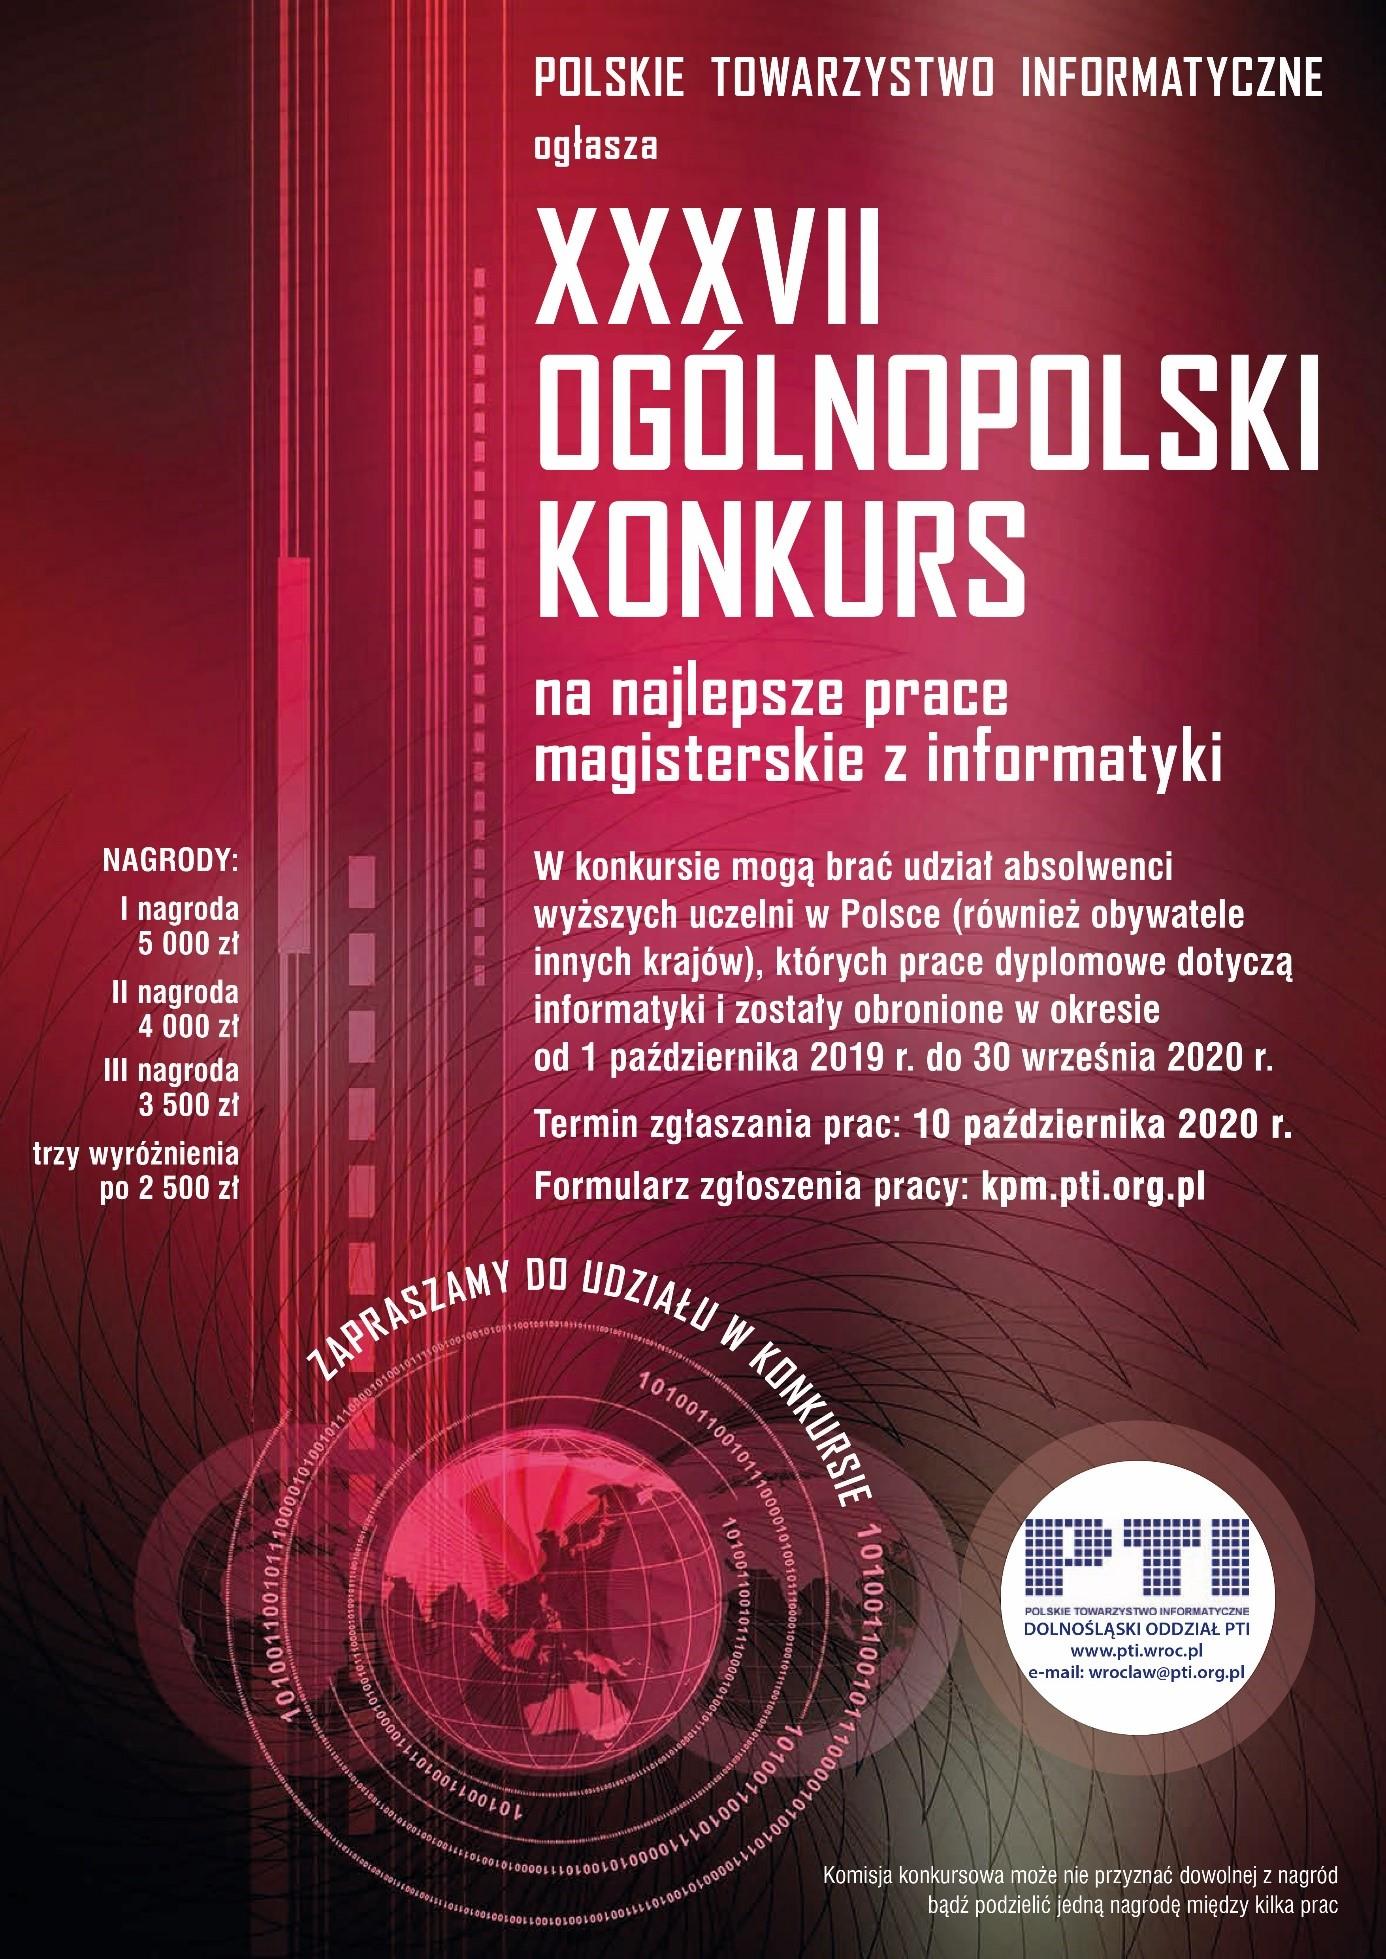 Plakat edycji XXXVII (2020)